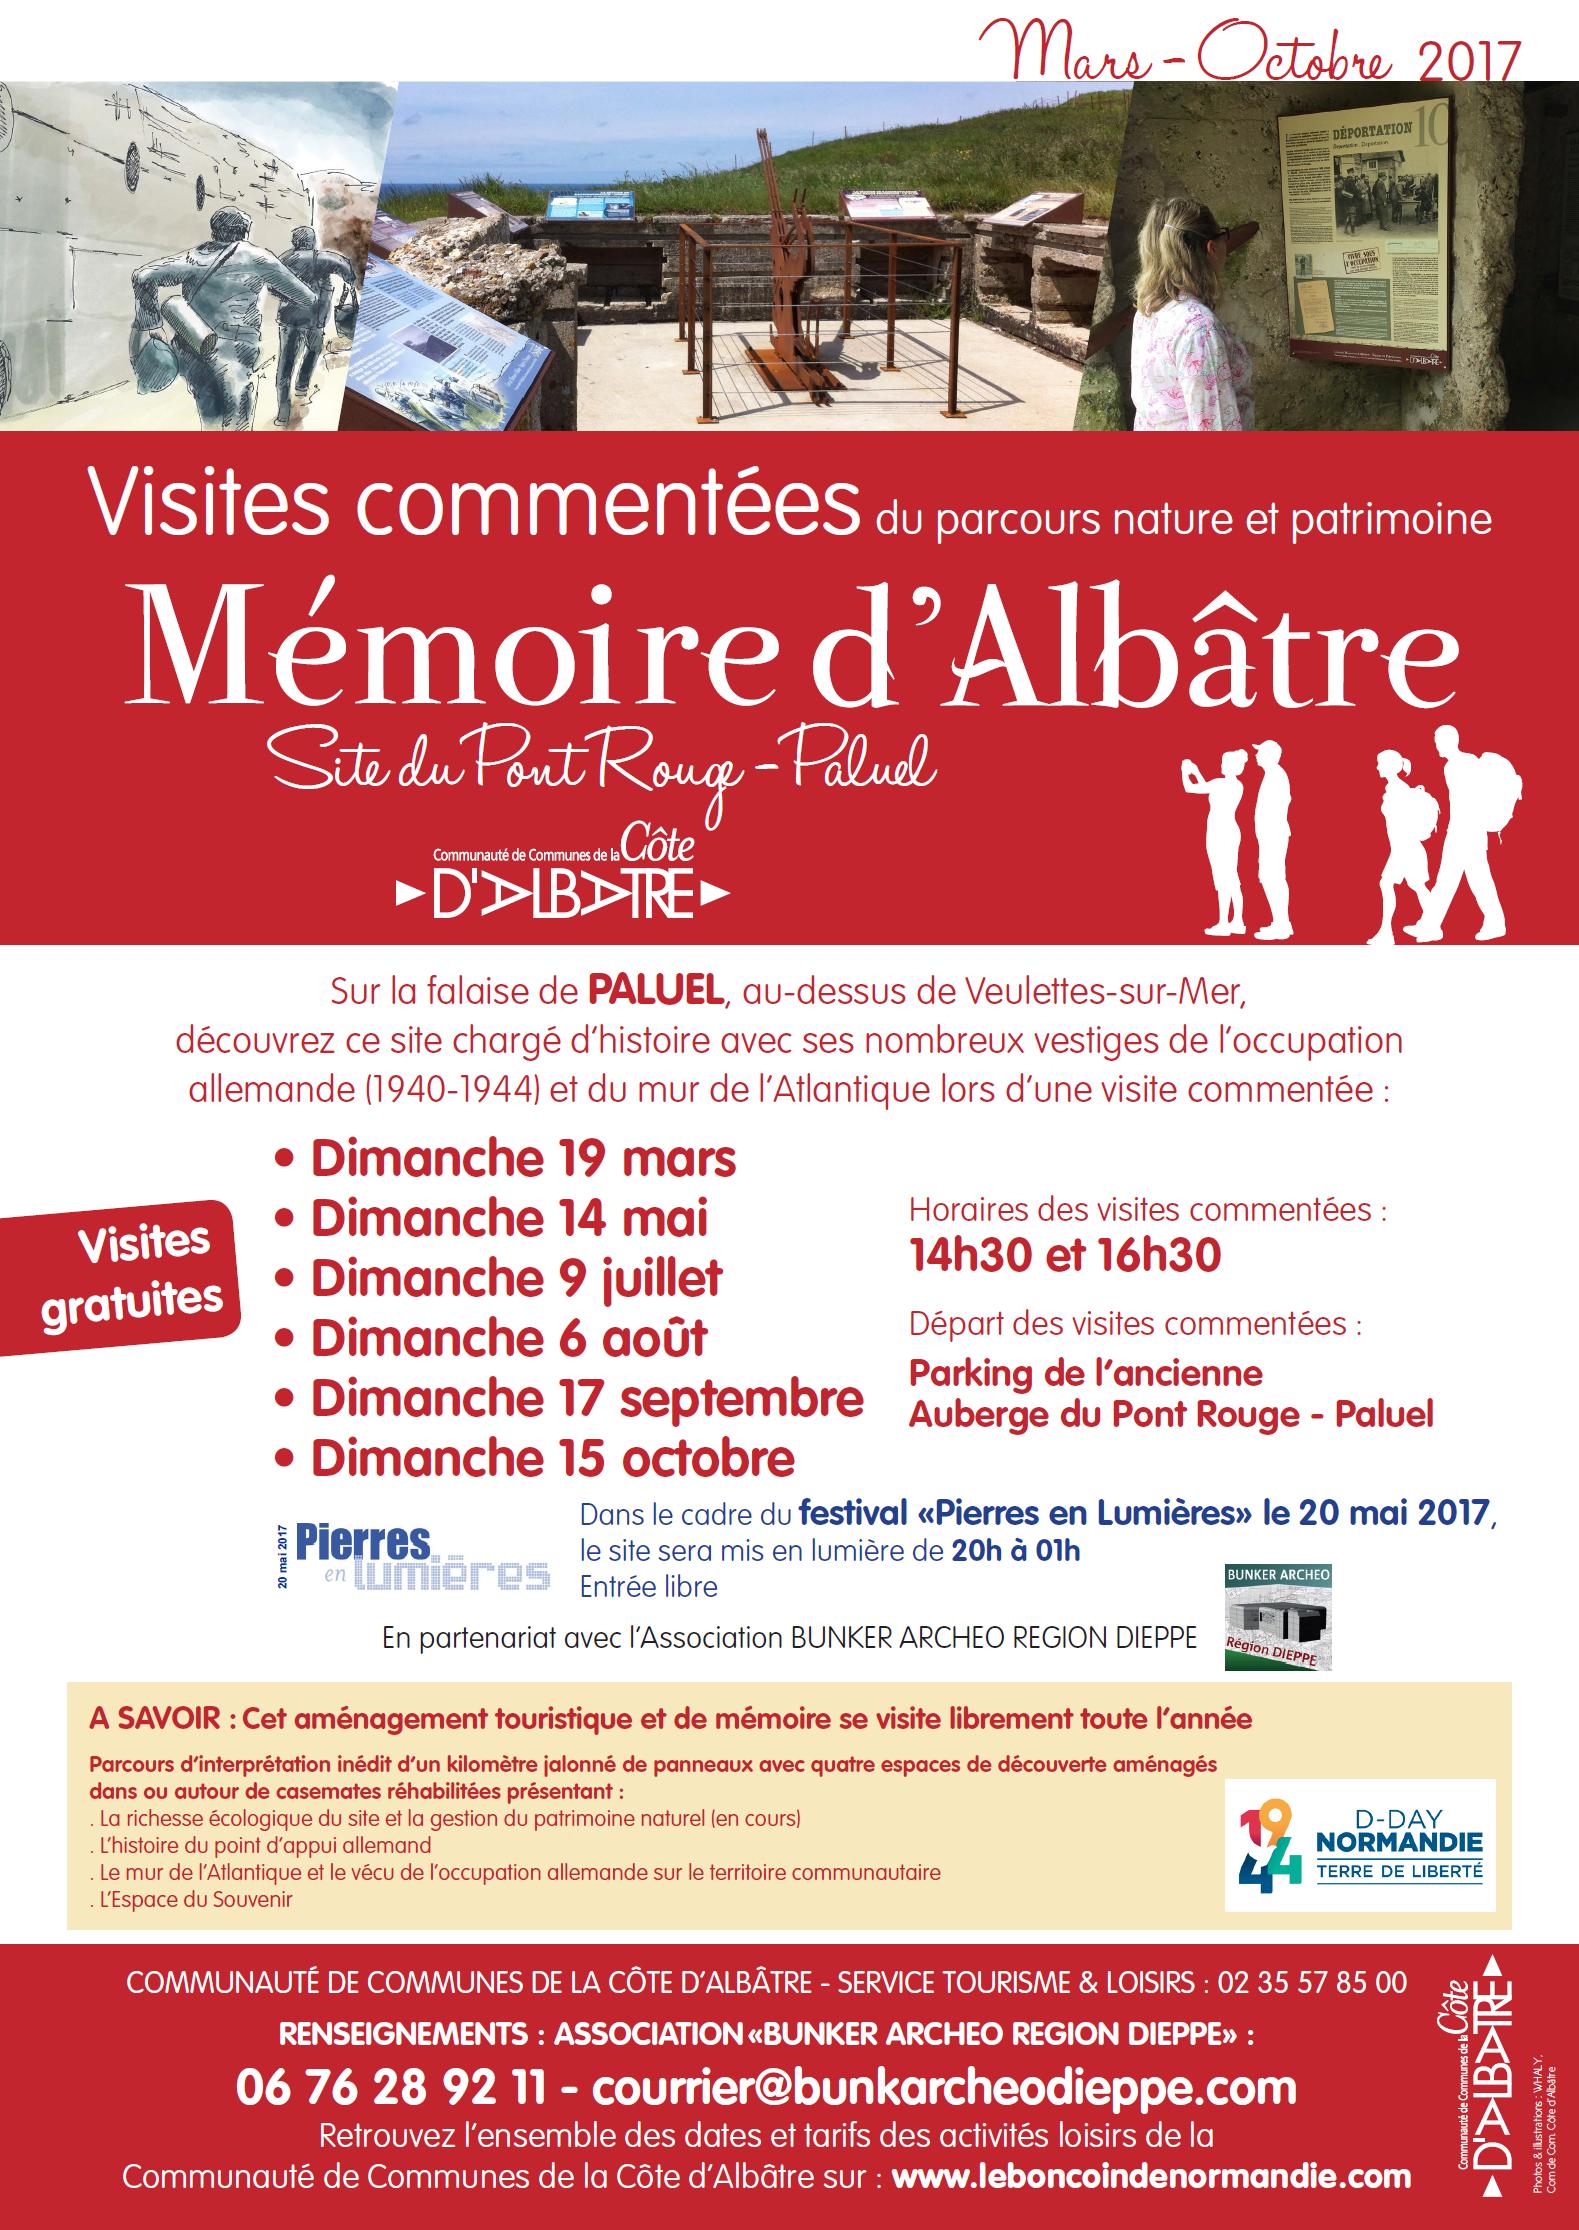 Visites_Mémoire_d_Albatre_2017